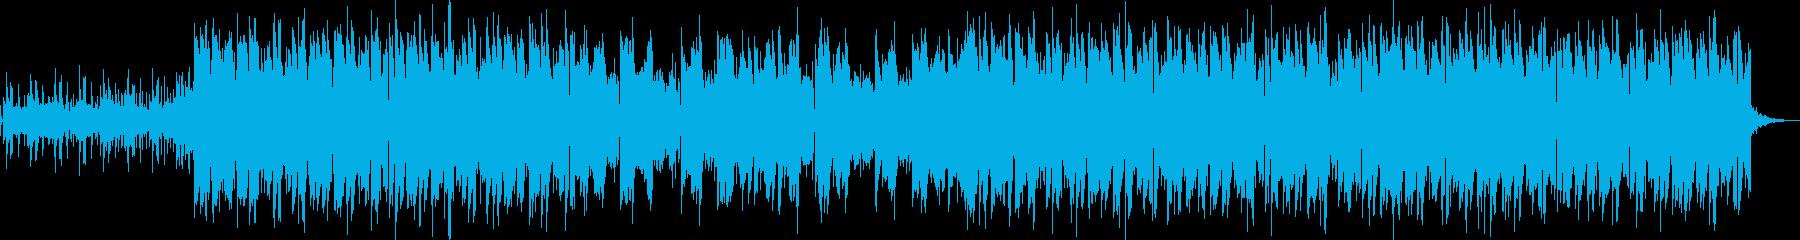 ナチュラルで幻想的、EDM風ポップスの再生済みの波形